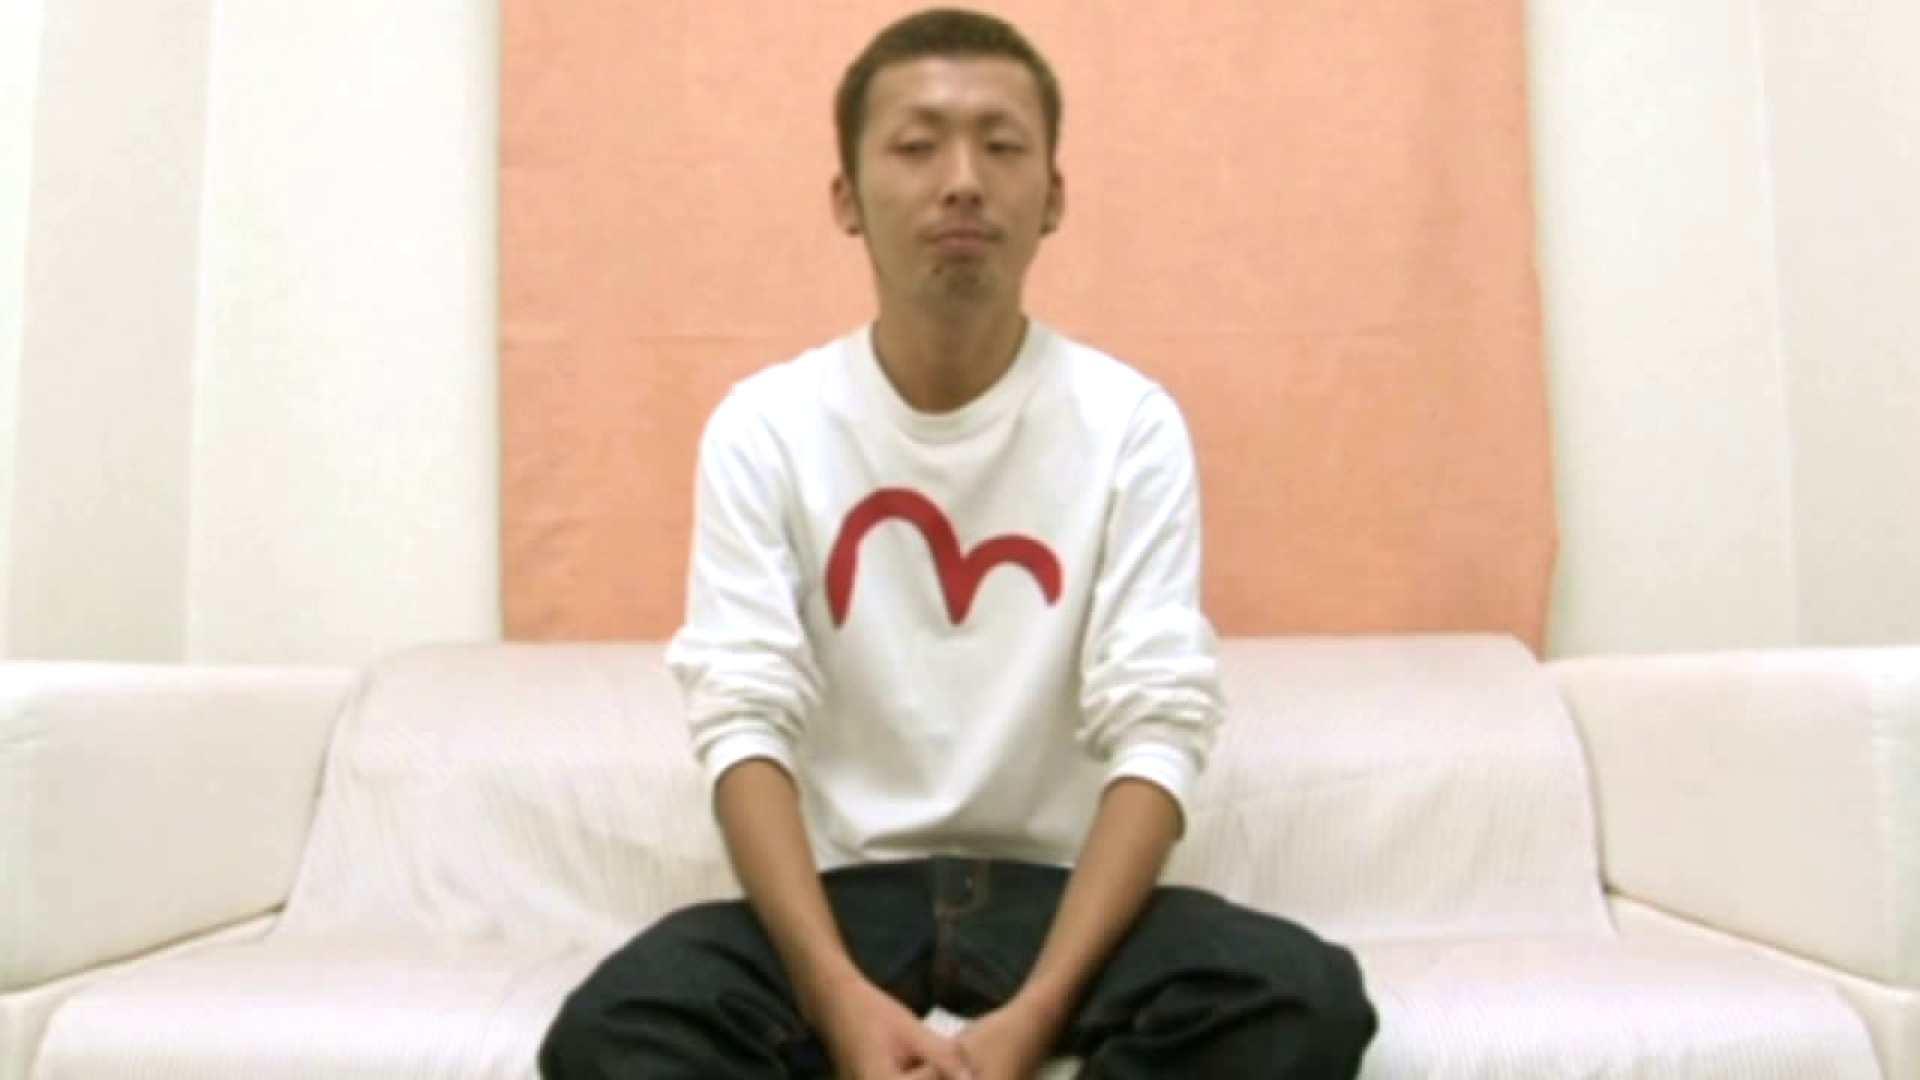 ノンケ!自慰スタジオ No.11 ノンケまつり ゲイアダルト画像 110枚 39